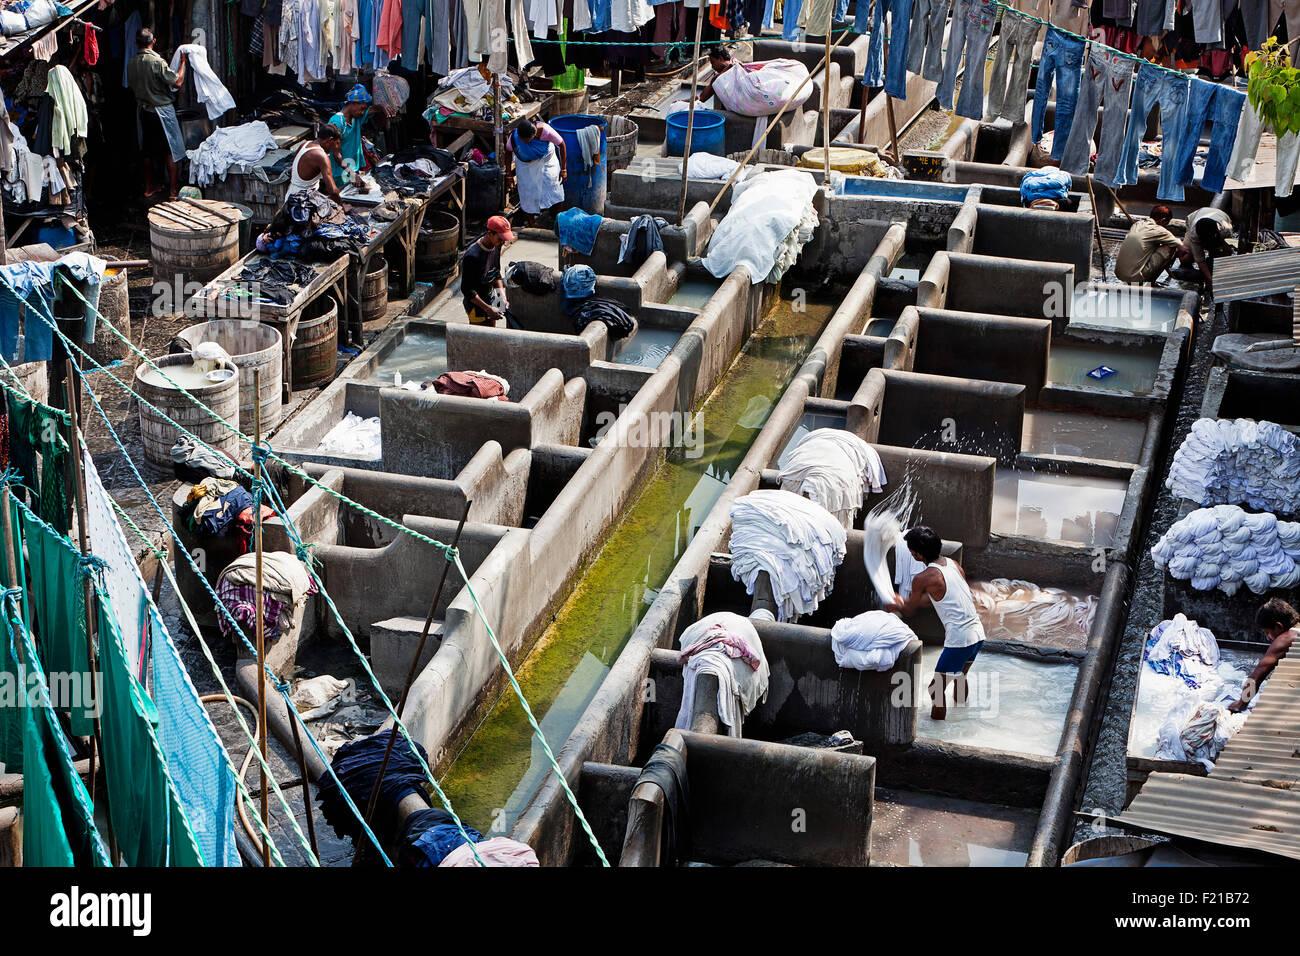 India, Maharashtra, Mumbai, Outdoor laundry, dhobi ghat, Mahalaxmi. - Stock Image